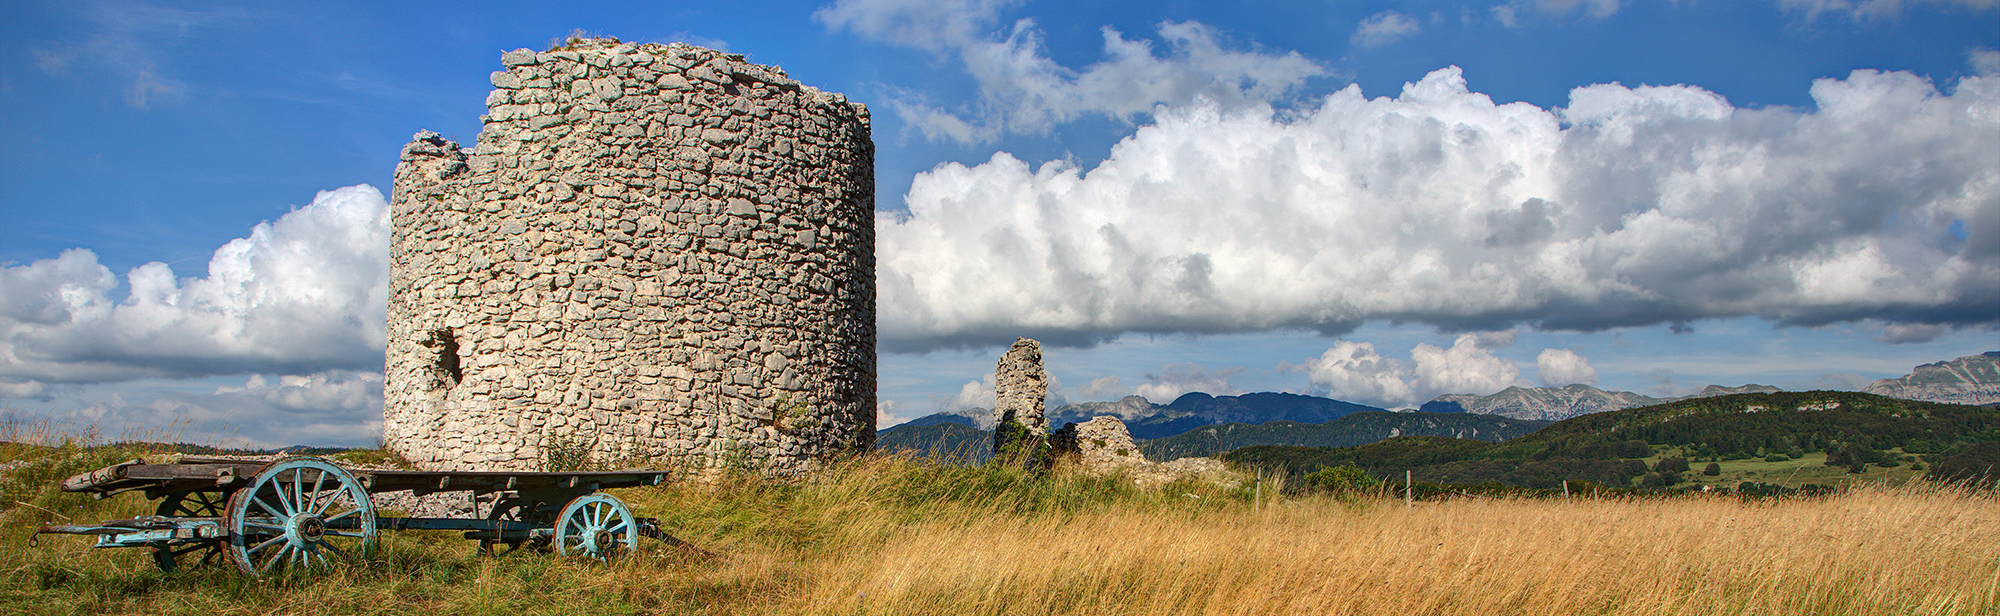 Moulins à vent de Vassieux en Vercors